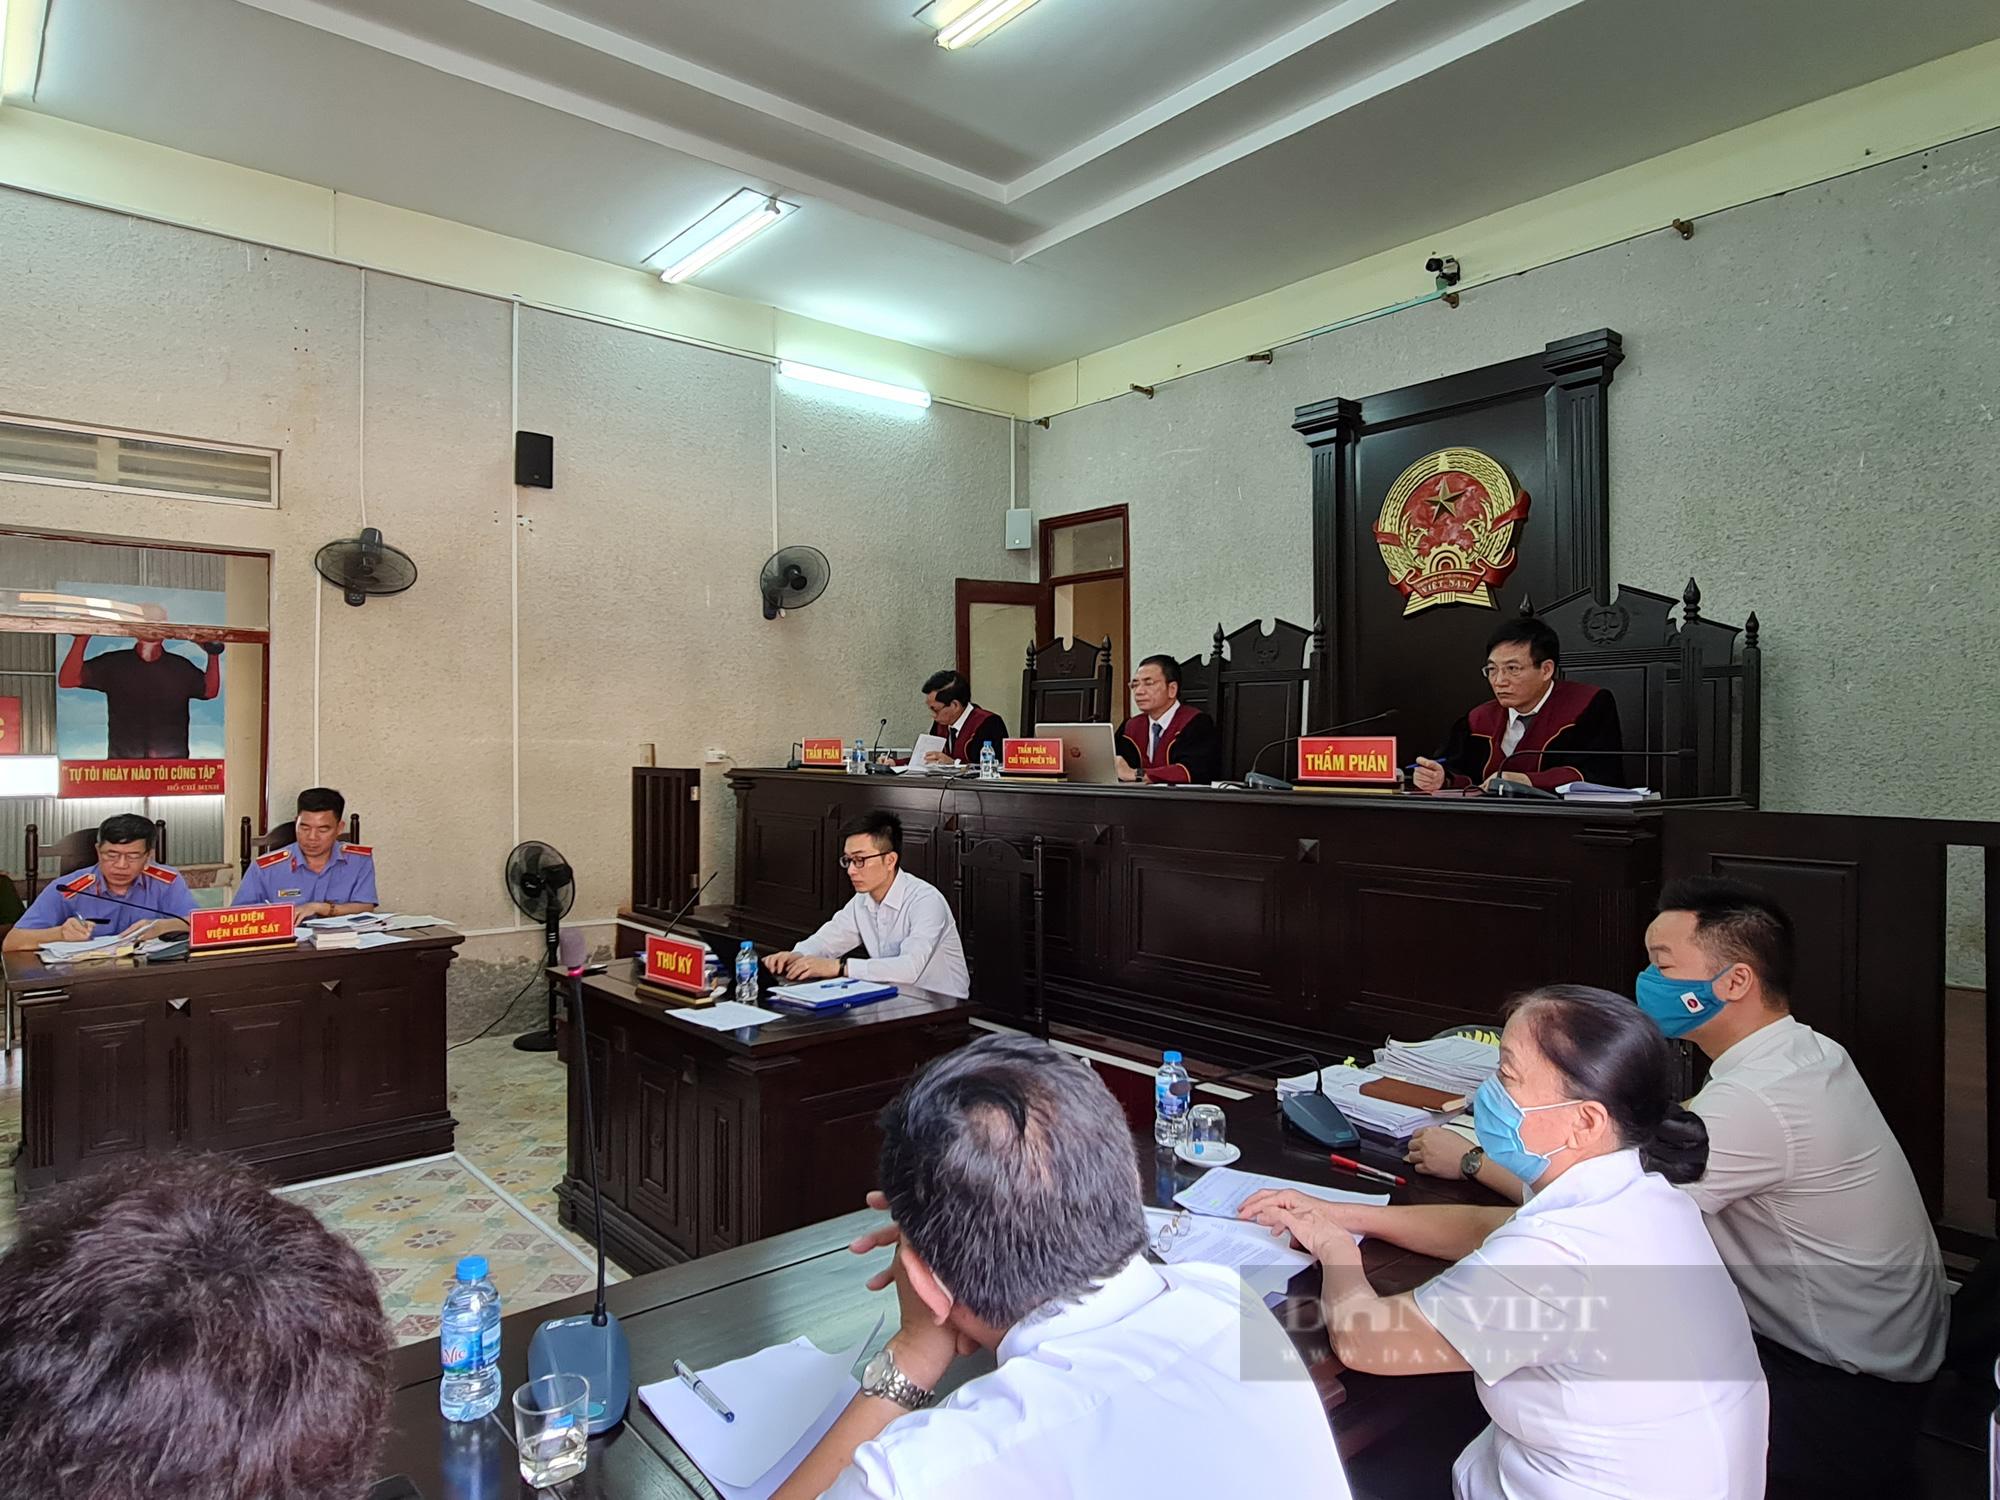 Hoãn phiên tòa phúc thẩm xét xử Trần Thị Hiền, mẹ nữ sinh giao gà - Ảnh 1.